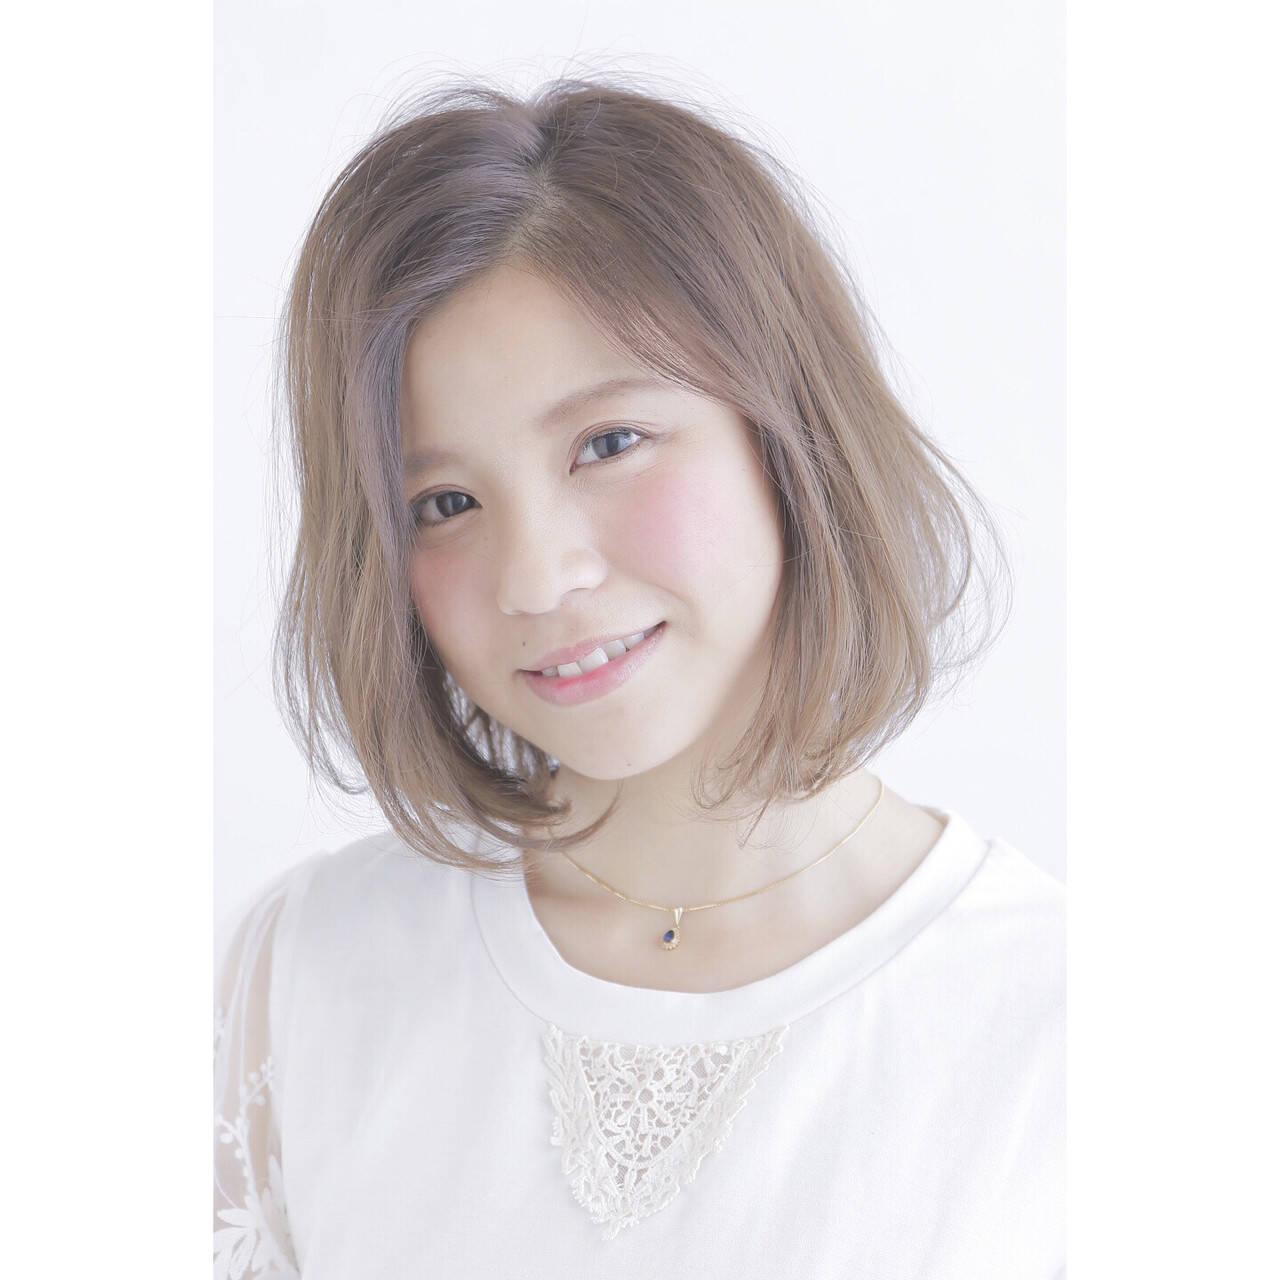 スモーキーアッシュ ピュア ボブ 外国人風ヘアスタイルや髪型の写真・画像